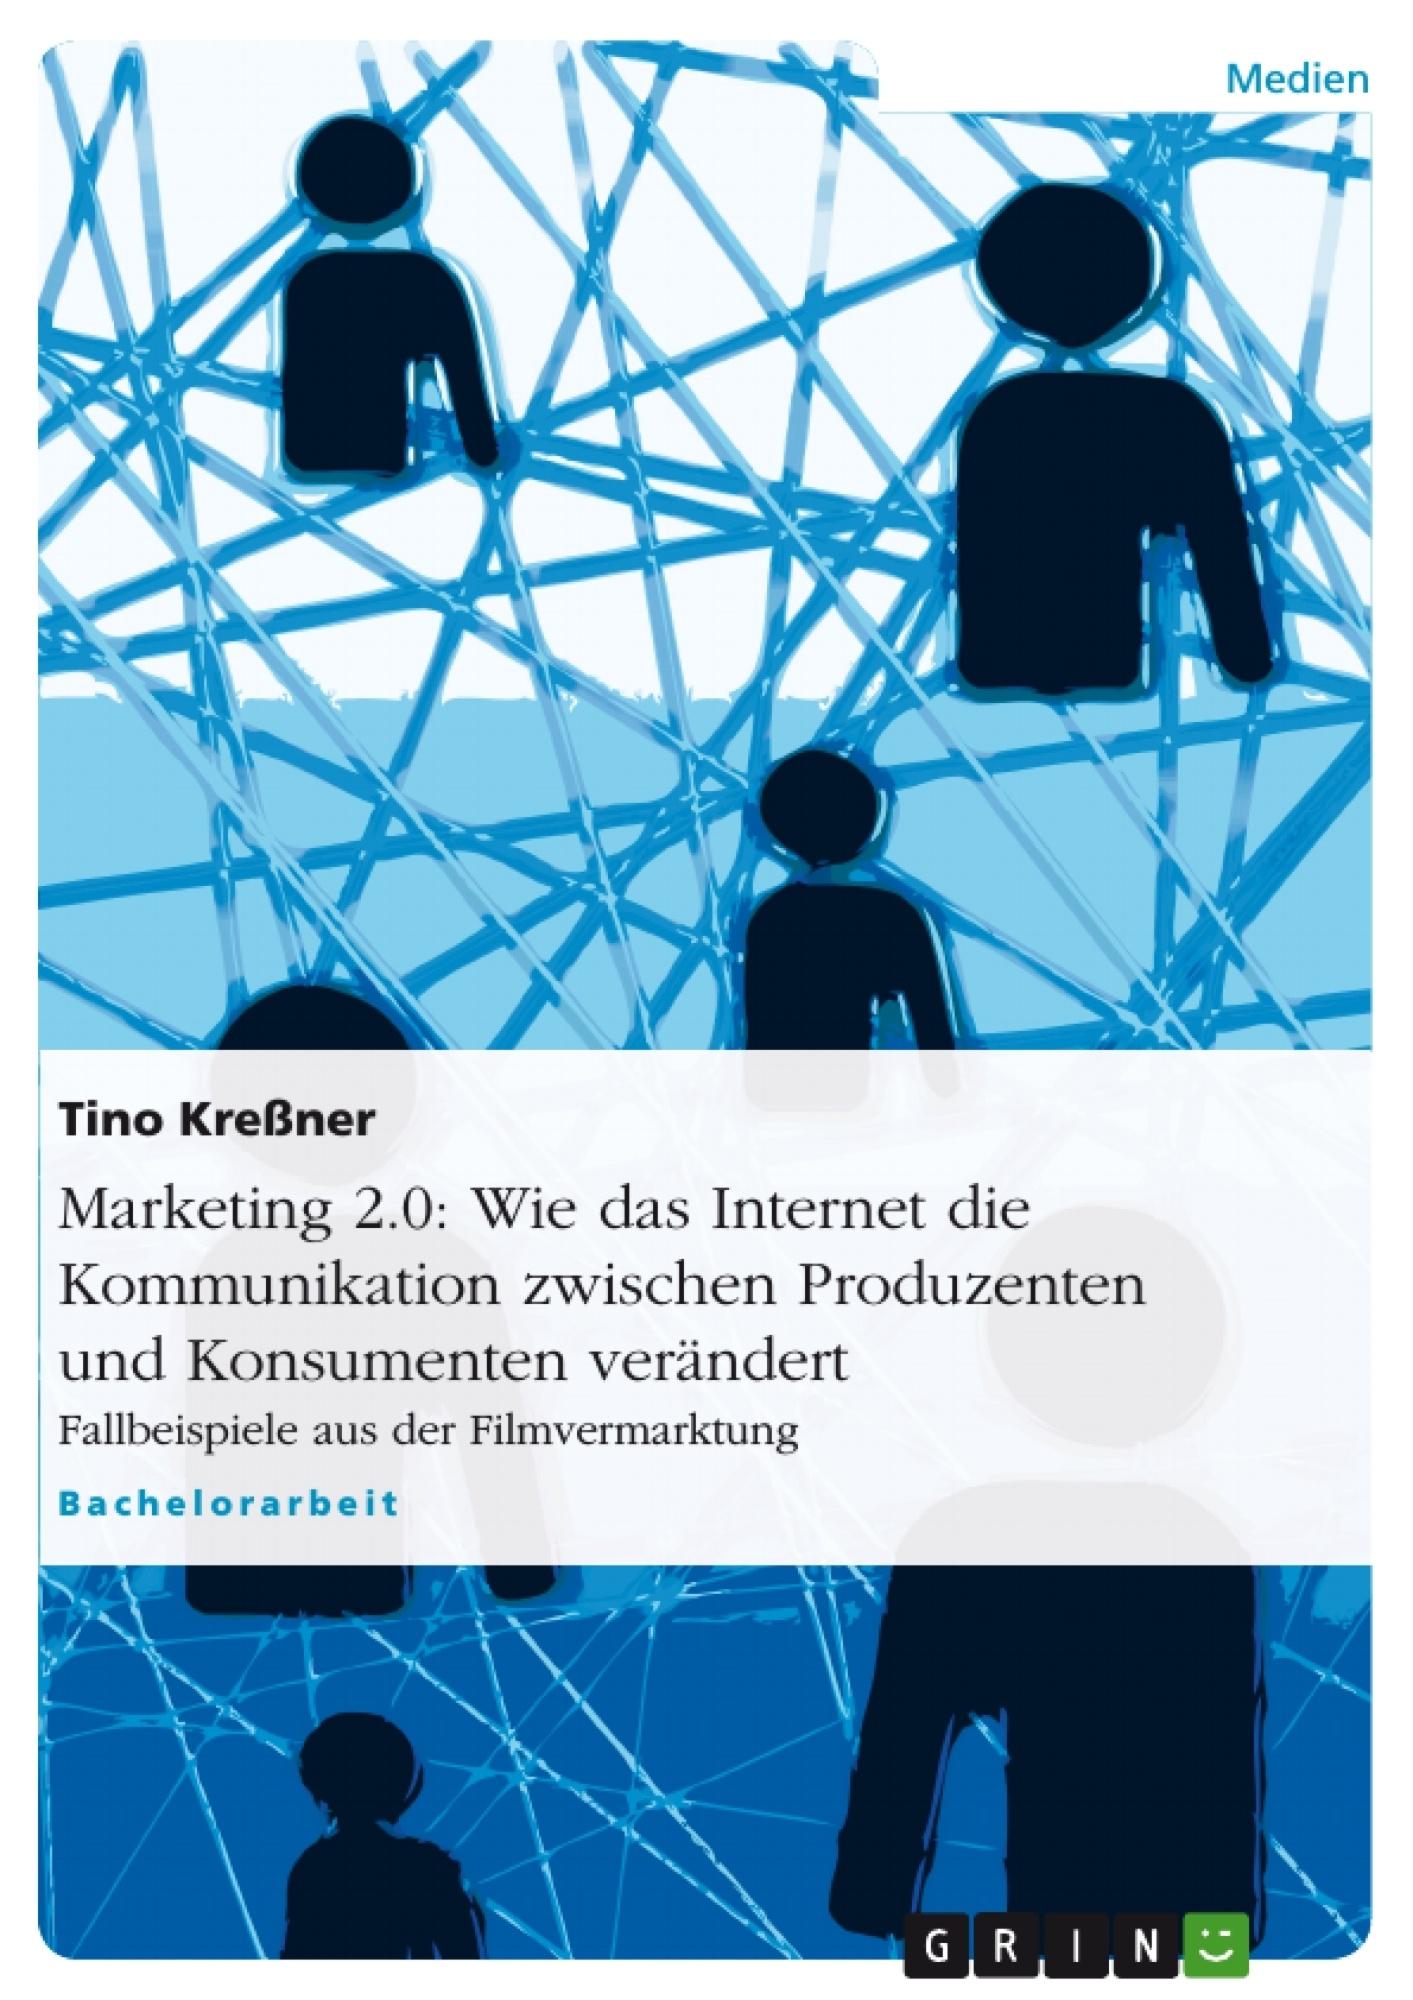 Titel: Marketing 2.0: Wie das Internet die Kommunikation zwischen Produzenten und Konsumenten verändert